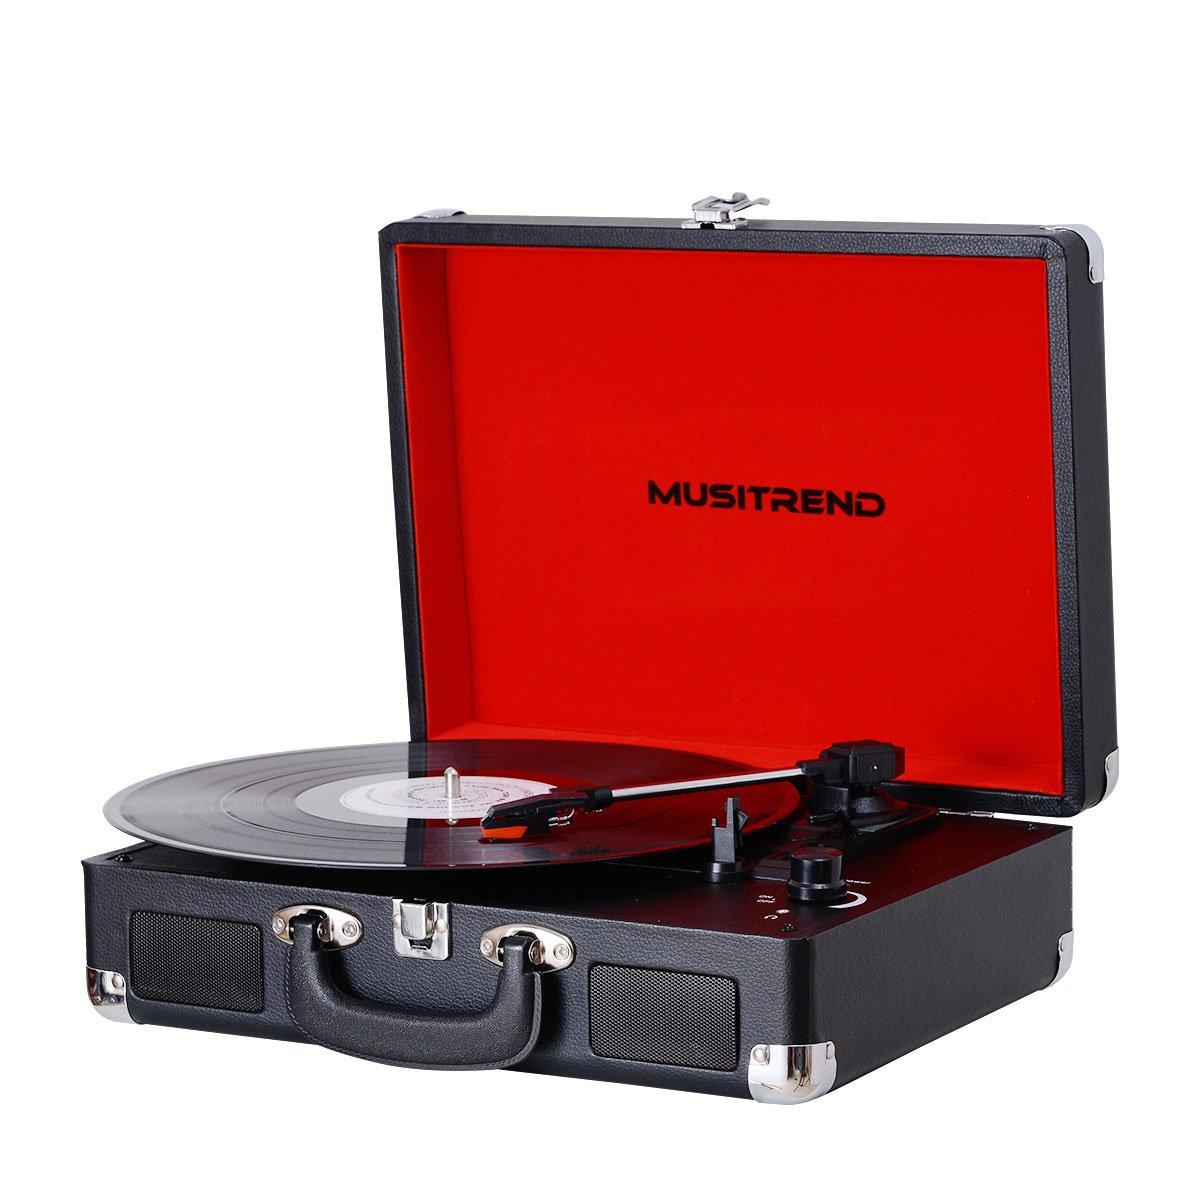 Quelle Marque De Platine Vinyle Choisir meilleures platines vinyles vintages : comparatif, tests et